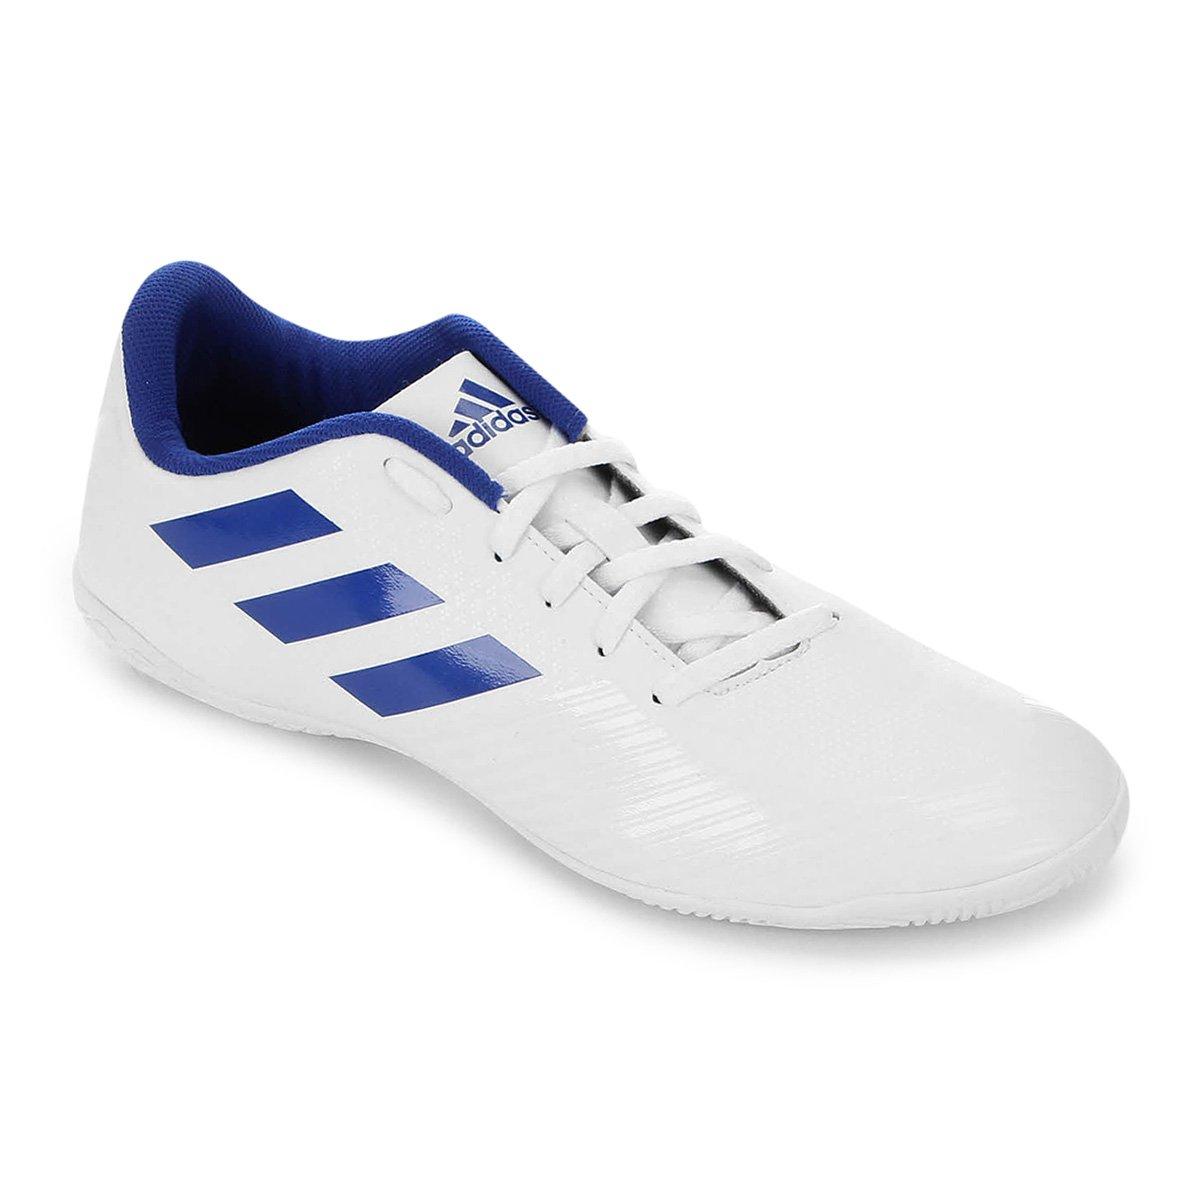 86b6ccf8e7 Chuteira Futsal Adidas Artilheira III IN - Branco e Azul